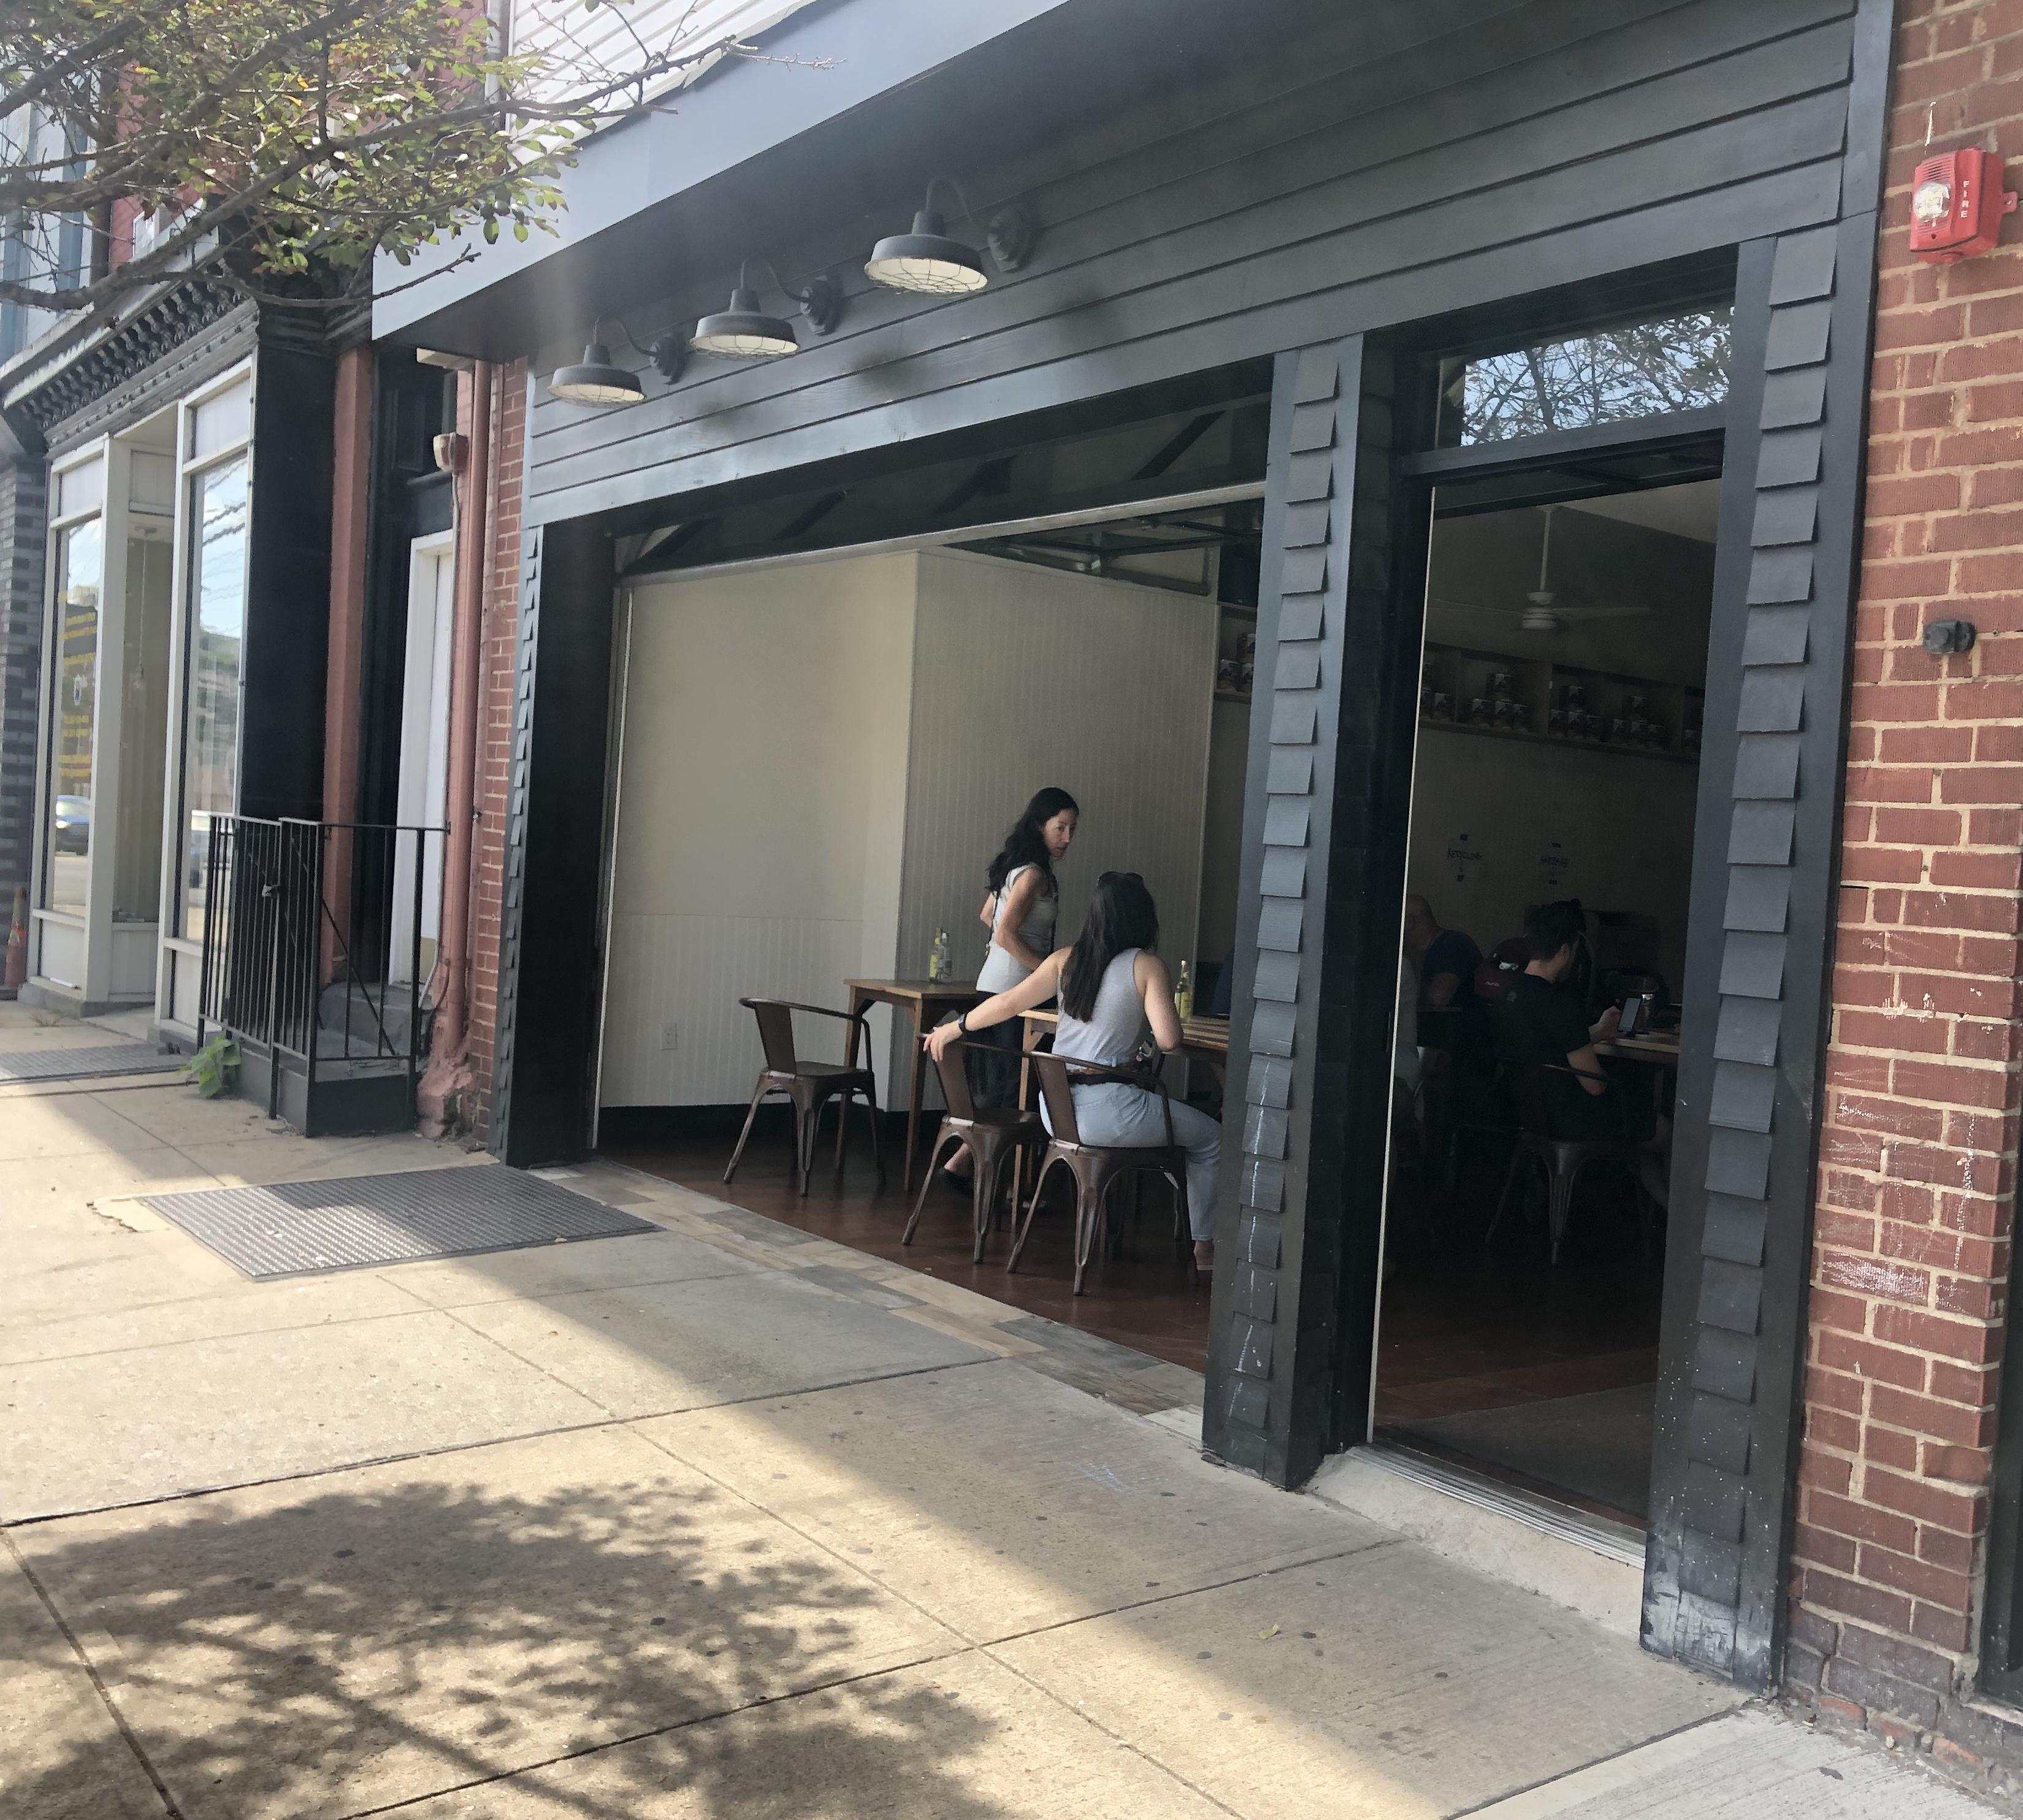 The garage-door style entrance to Bread & Salt